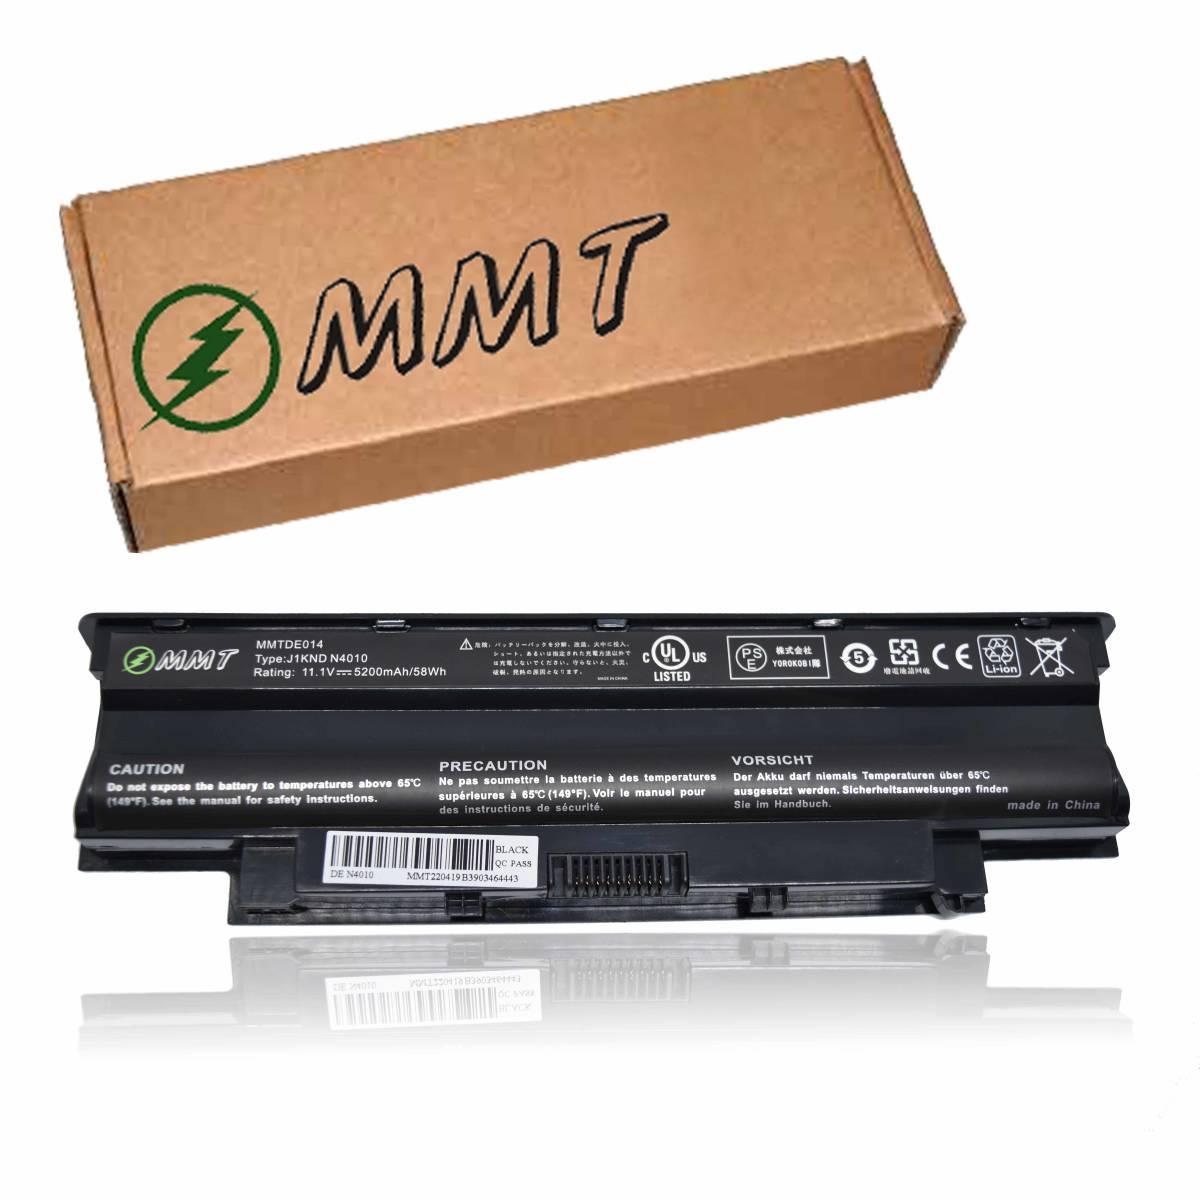 デル 新品 DELL Inspiron 13R 14R 15R N3010 N4010 N4110 N5010 N5110 N7010 互換バッテリー PSE認定済 保険加入済